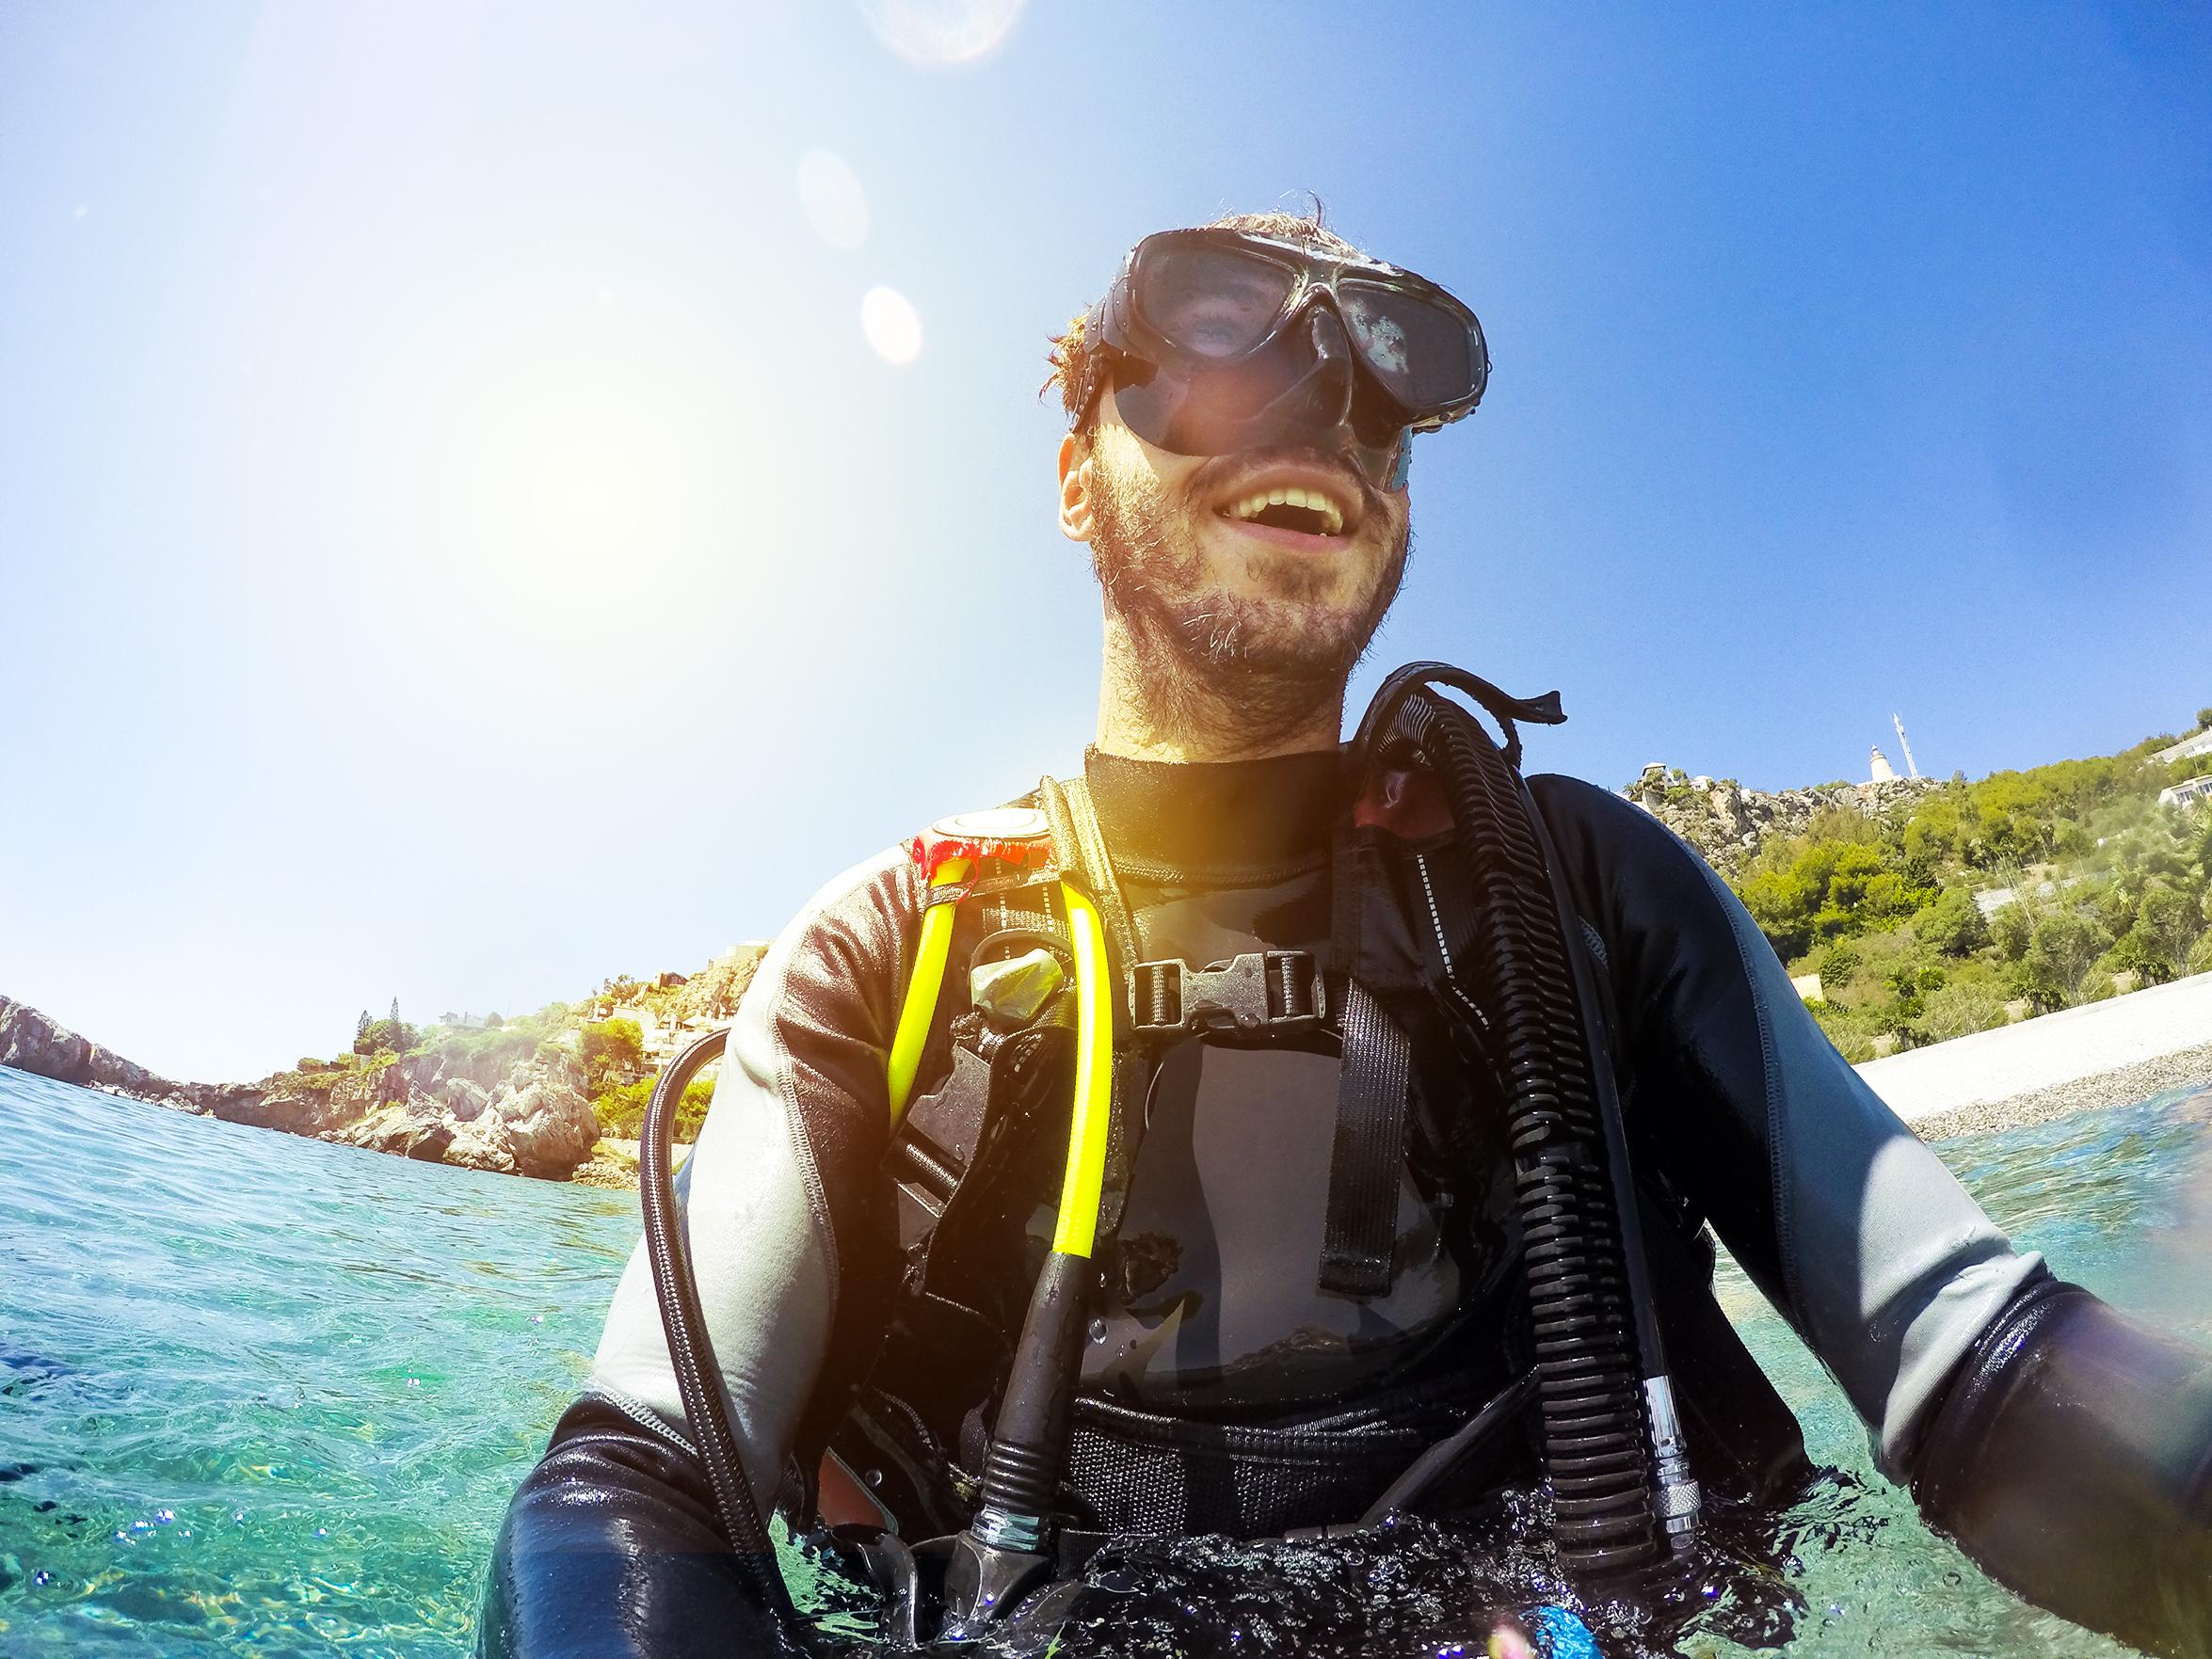 Μετά από συνεννόηση και με επιπλέον χρέωση - • Ενοικίαση αυτοκινήτου• Ενοικίαση σκάφους• Εμπειρία ψαρέματος• Υποβρύχια κατάδυση• Μονοήμερη εκδρομή με καραβάκι τον γύρο του Νησιού• Παράδοση προσωπικών αγορών• Περιπατητικές εκδρομές• Πρόσθετη υπηρεσία καθαρισμού• Πρόσθετη αλλαγή κλινοσκεπασμάτων και πετσετών